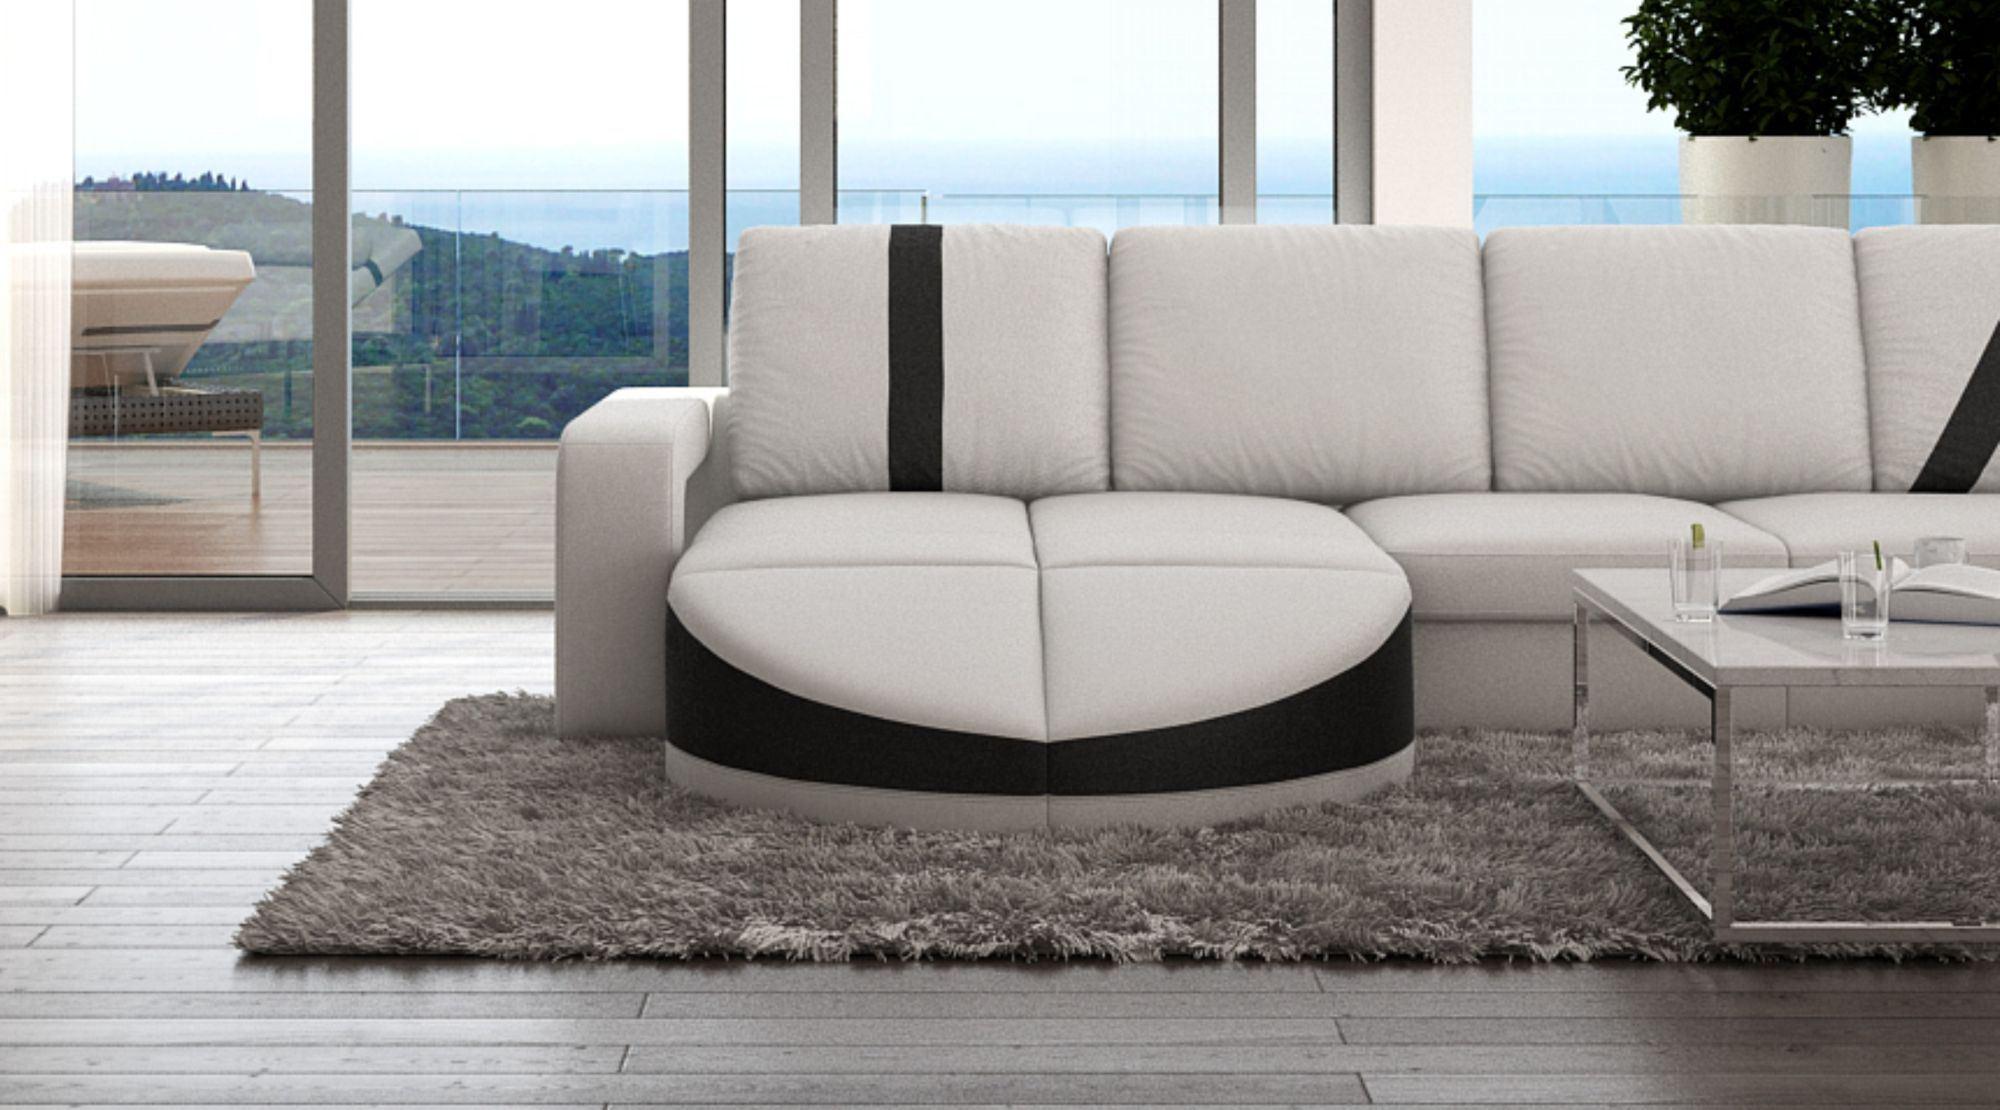 Full Size of Luxus Designer Couch Ledersofa Wohnlandschaft Florenz U Form Chesterfield Sofa Grau Xxxl Dreisitzer 2 Sitzer Boxspring Chippendale Big Weiß Liege Impressionen Sofa Luxus Sofa